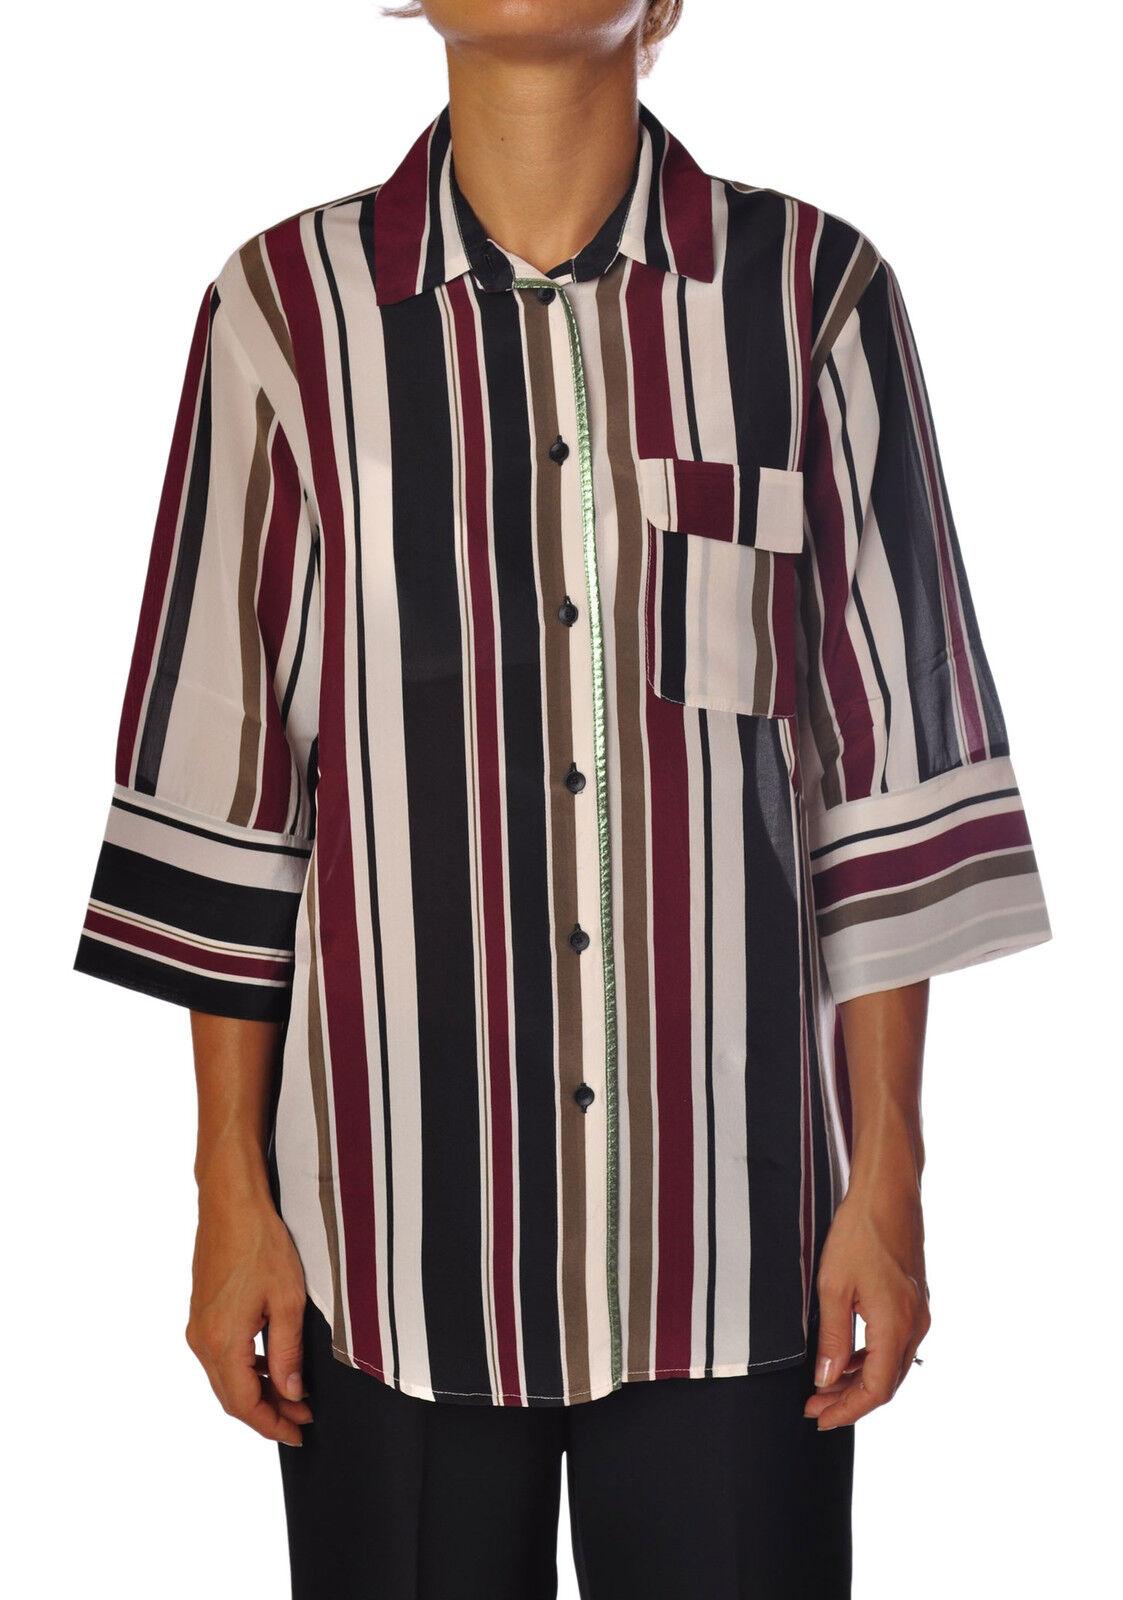 8pm  -  Shirt - Female - Weiß - 103824A184643